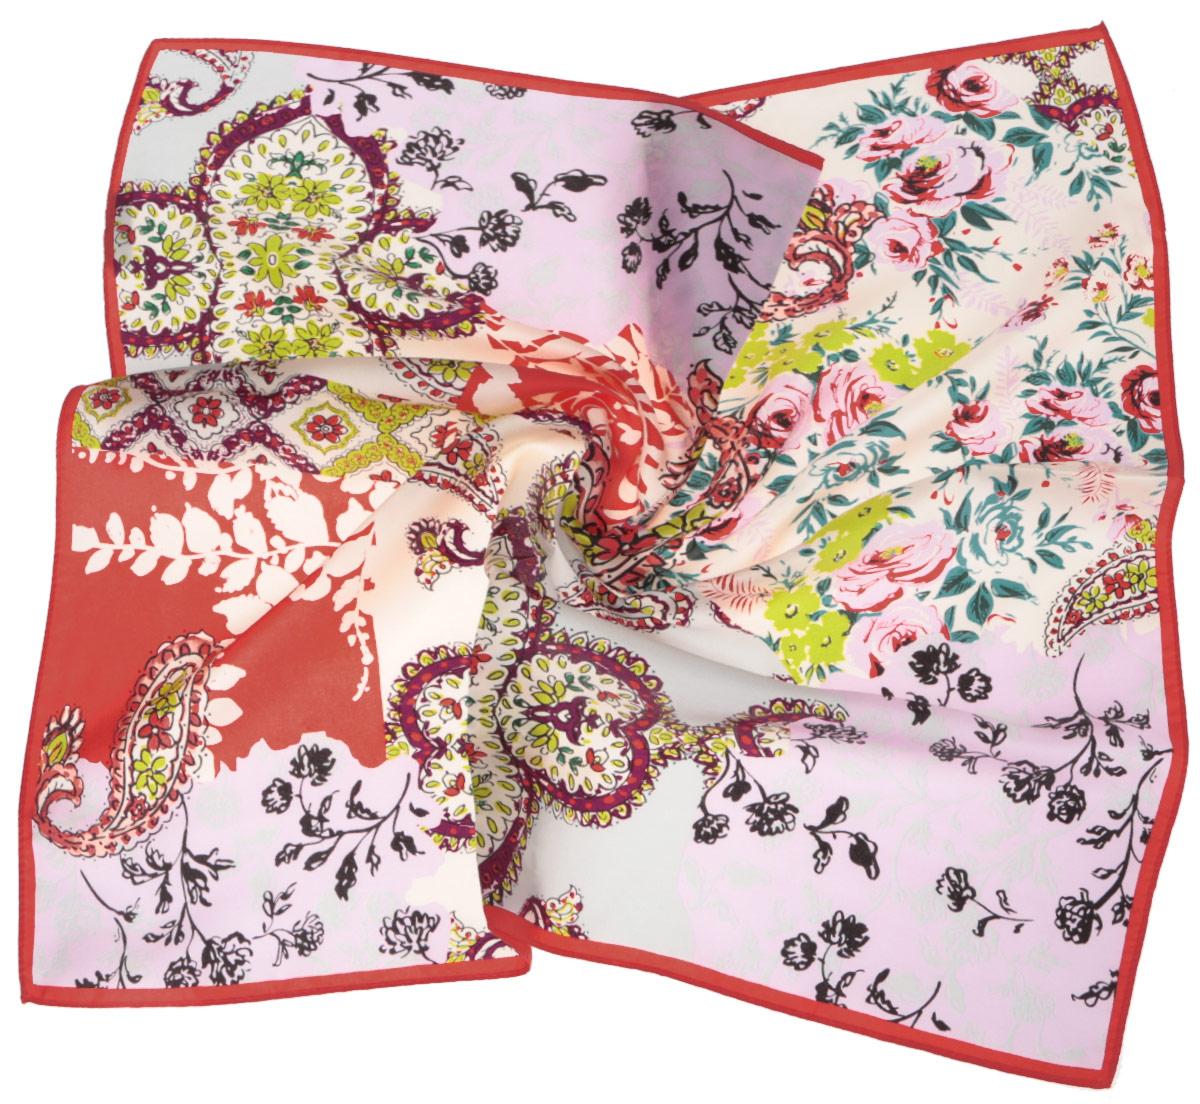 Платок женский Fabretti, цвет: бежевый, красный. CX1516-65-11. Размер 53 см х 53 смCX1516-65-11Стильный женский платок Fabretti станет великолепным завершением любого наряда. Платок изготовлен из высококачественного шелка и оформлен изысканным цветочным орнаментом. Классическая квадратная форма позволяет носить платок на шее, украшать им прическу или декорировать сумочку. Мягкий и шелковистый платок поможет вам создать изысканный женственный образ, а также согреет в непогоду. Такой платок превосходно дополнит любой наряд и подчеркнет ваш неповторимый вкус и элегантность.